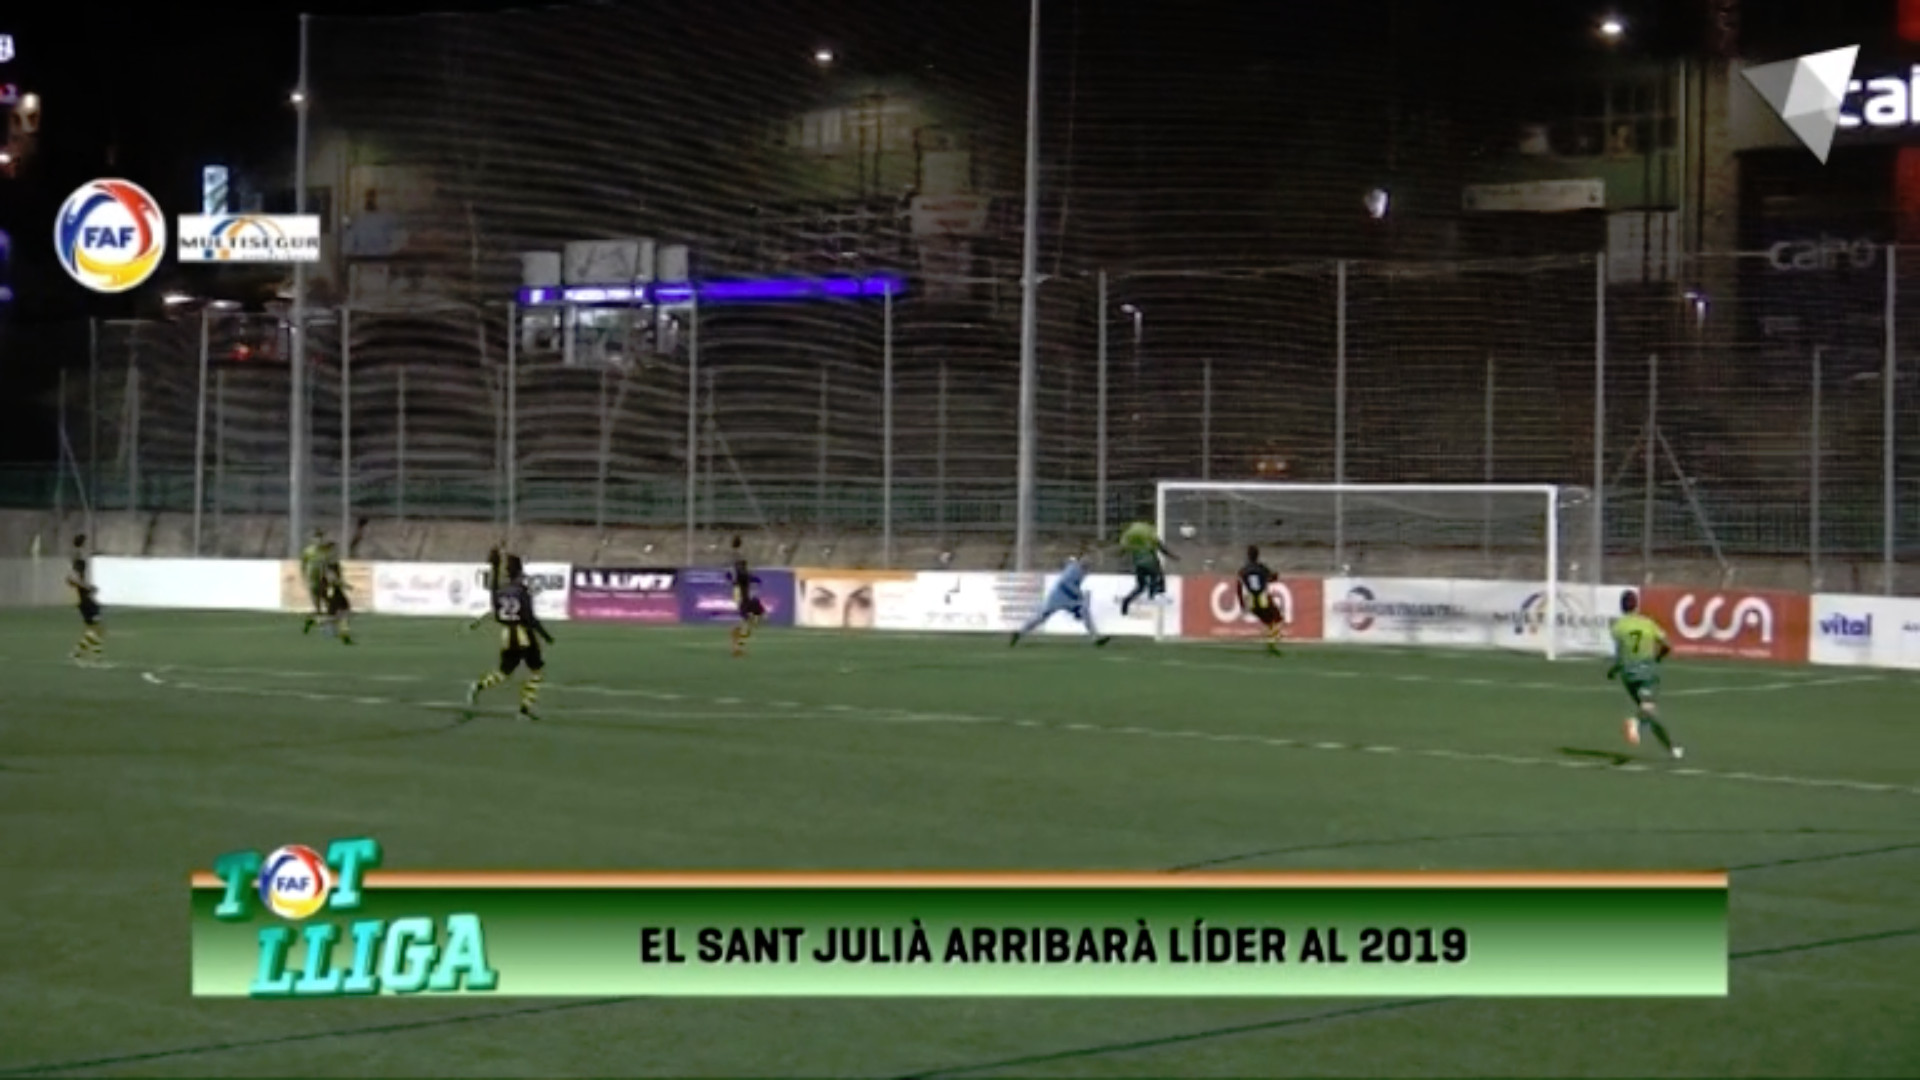 Tot Lliga - El Sant Julià arribarà al 2019 com a líder